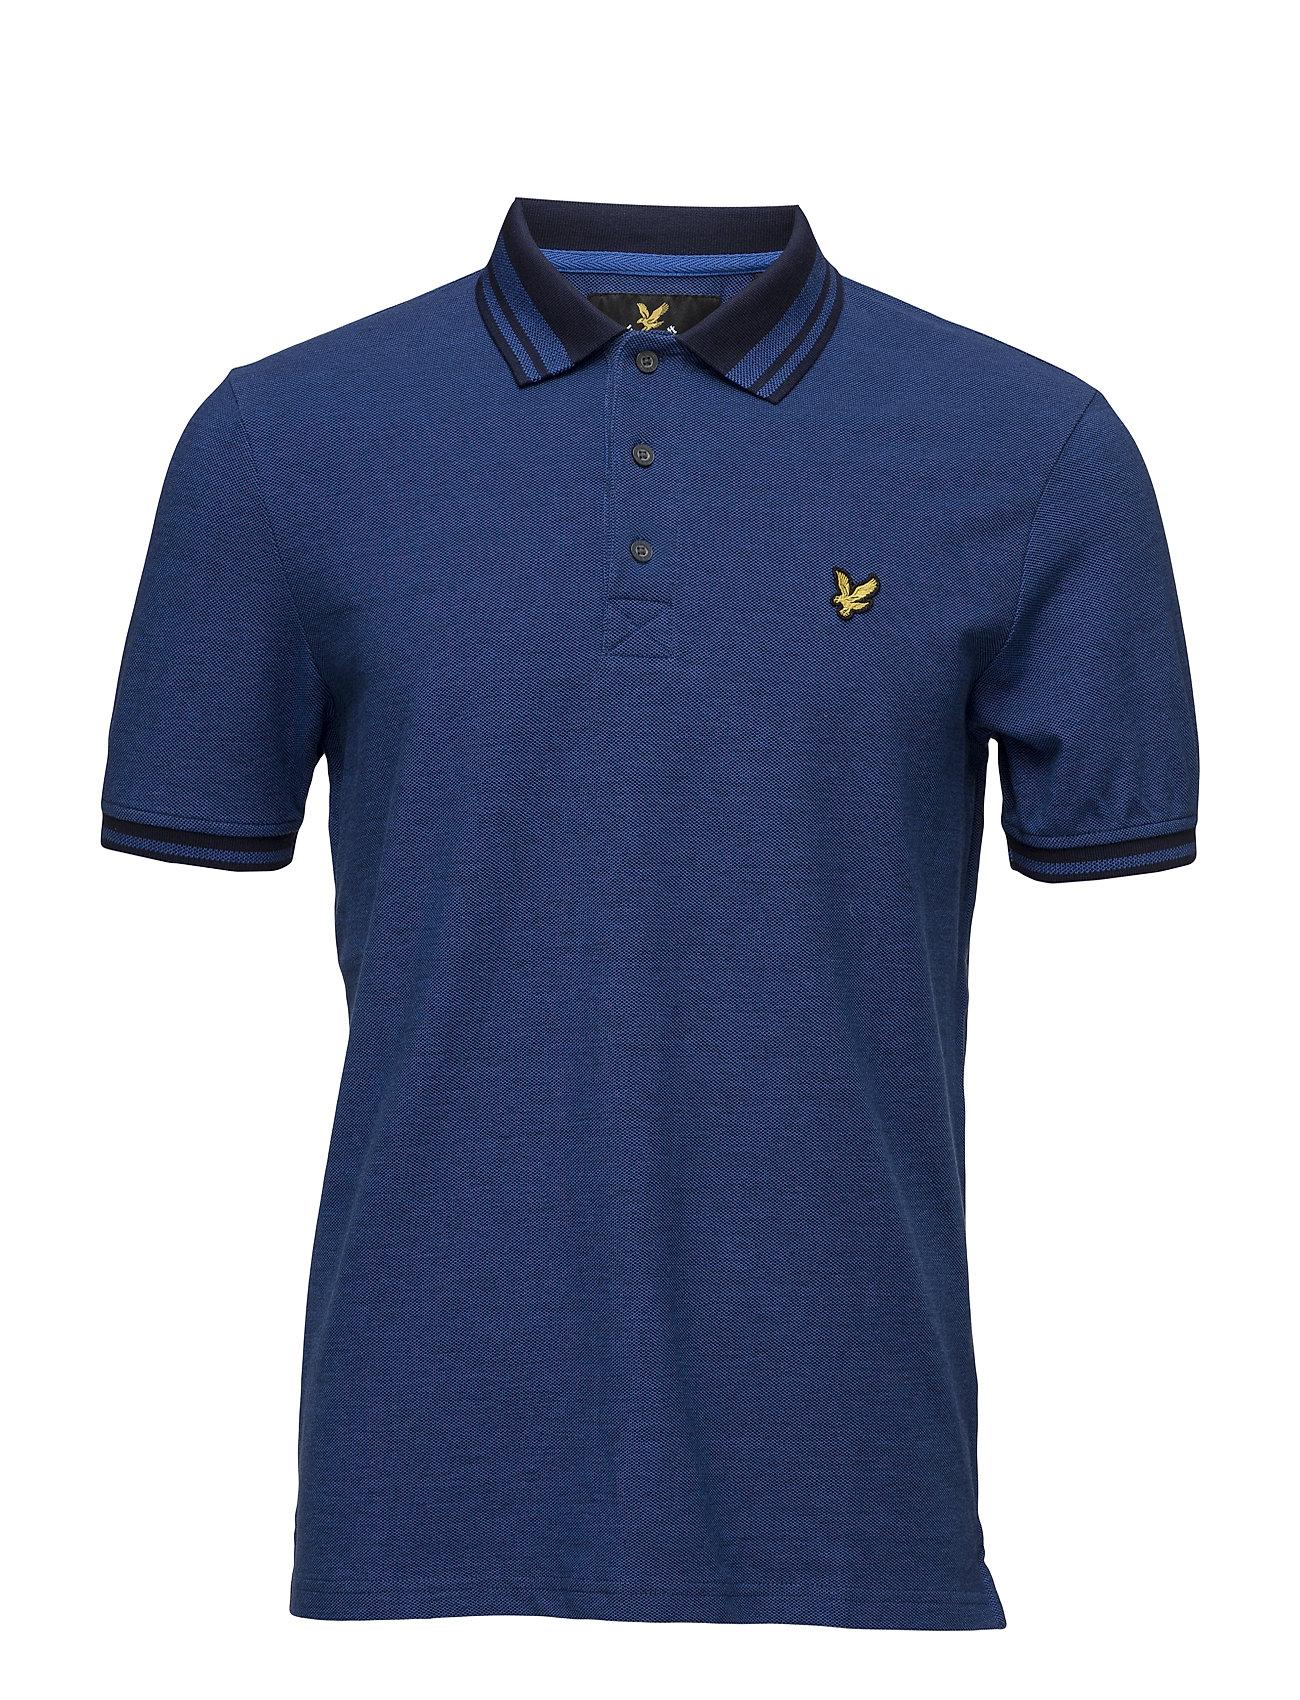 Oxford Polo Shirt Lyle & Scott Kortærmede polo t-shirts til Herrer i